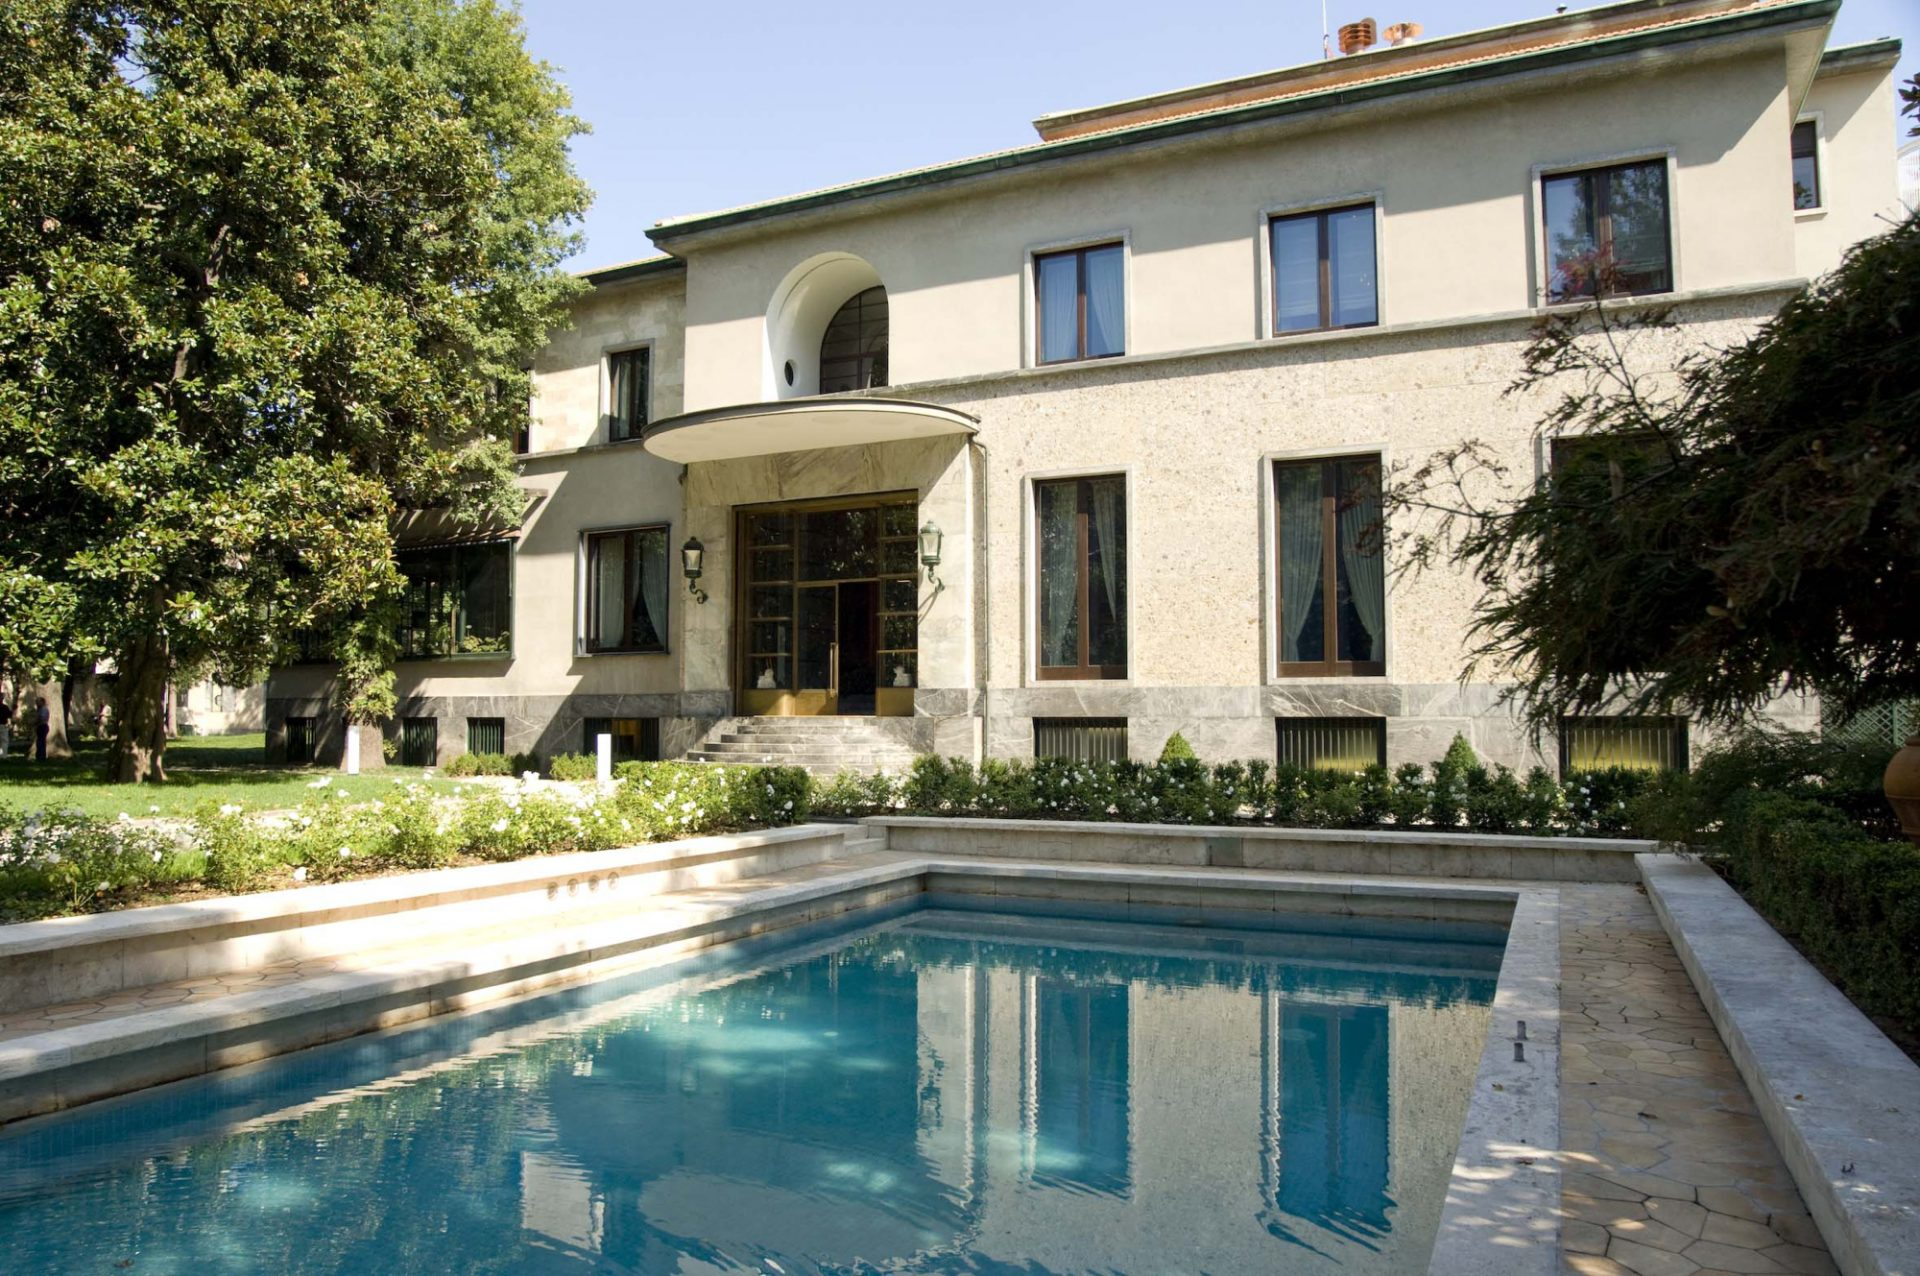 Villa-Necchi-Campiglio-milan-mediolan-desiganlive-14